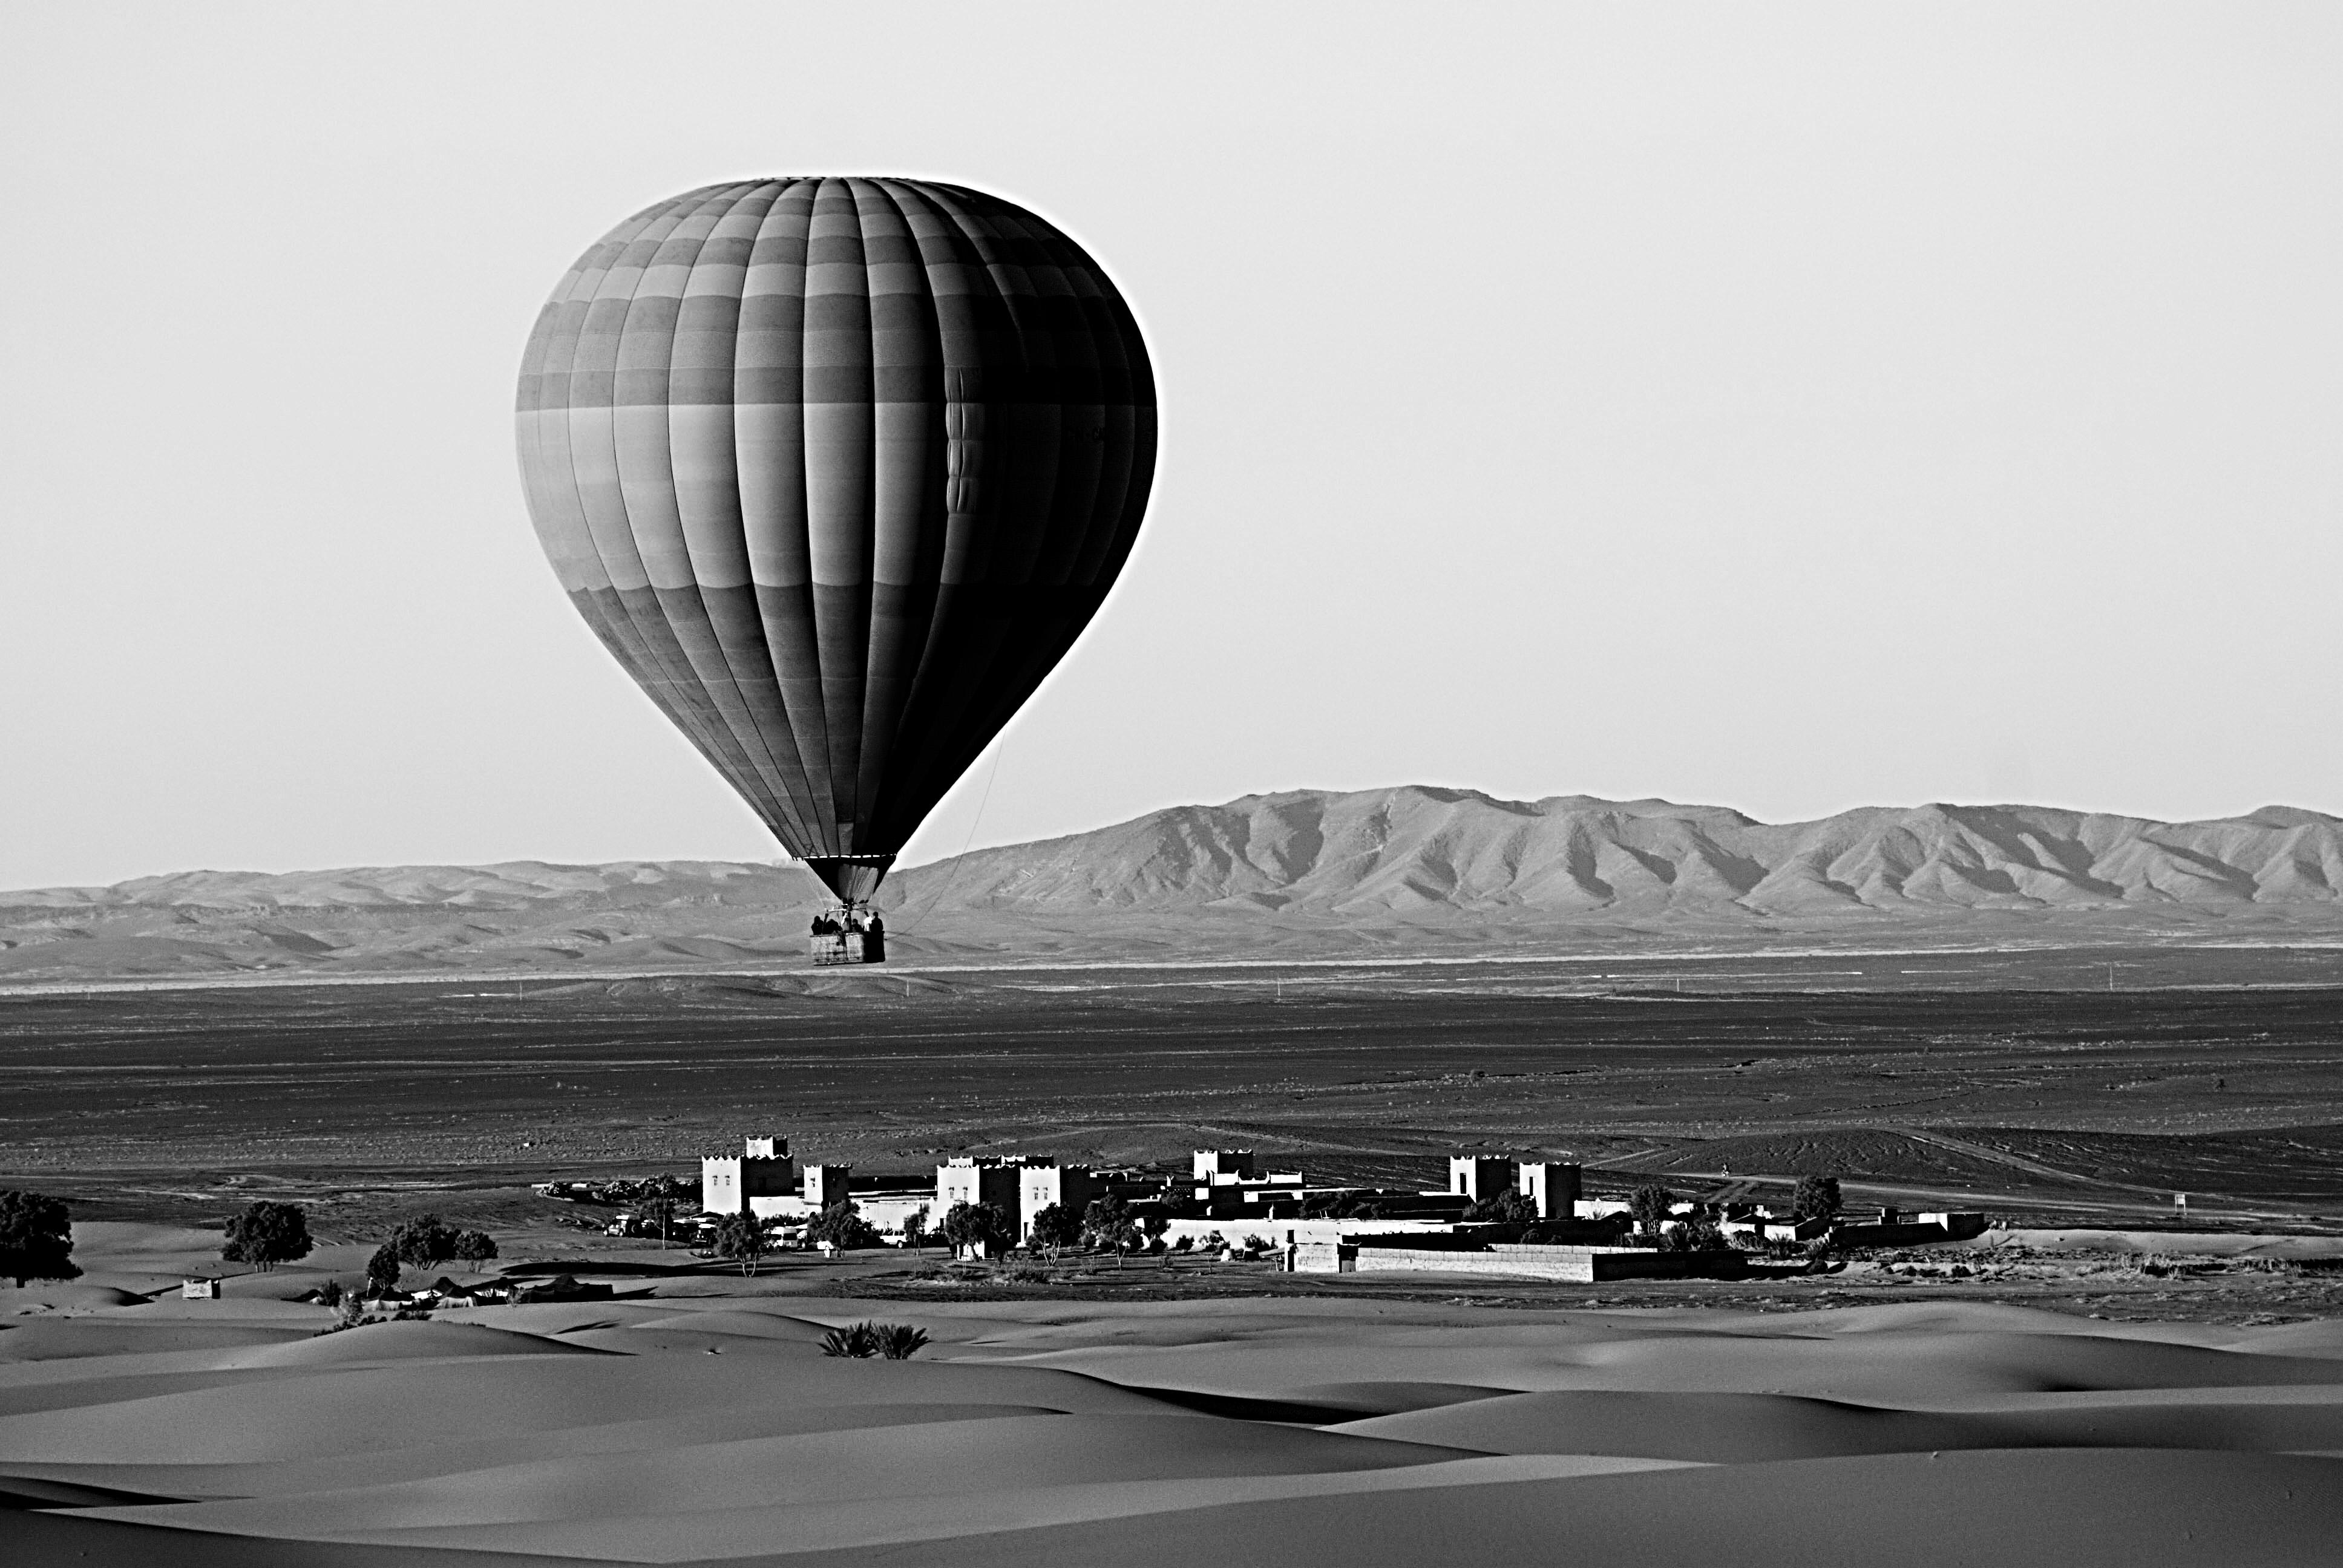 Ballon _amp_ auberge _ Merzouga